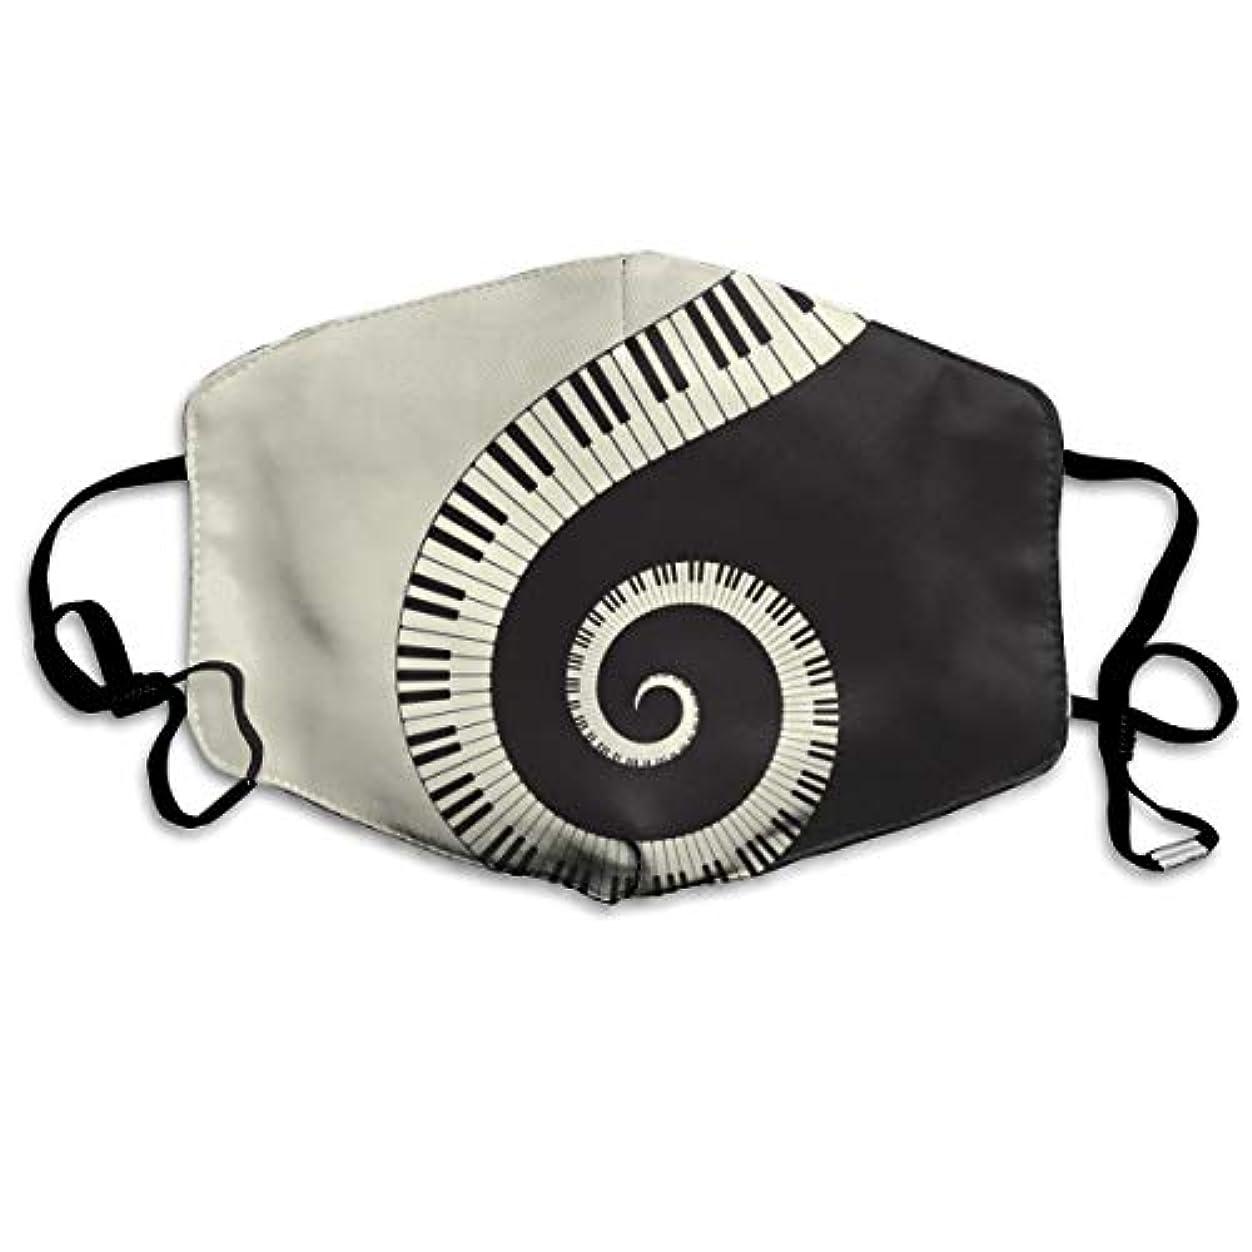 欠陥材料測定一の楽 マスク夏用 風邪 花粉症対策 繰り返し使用可能 洗える おしゃれ 男女兼用 黒と白 ピアノキーボード